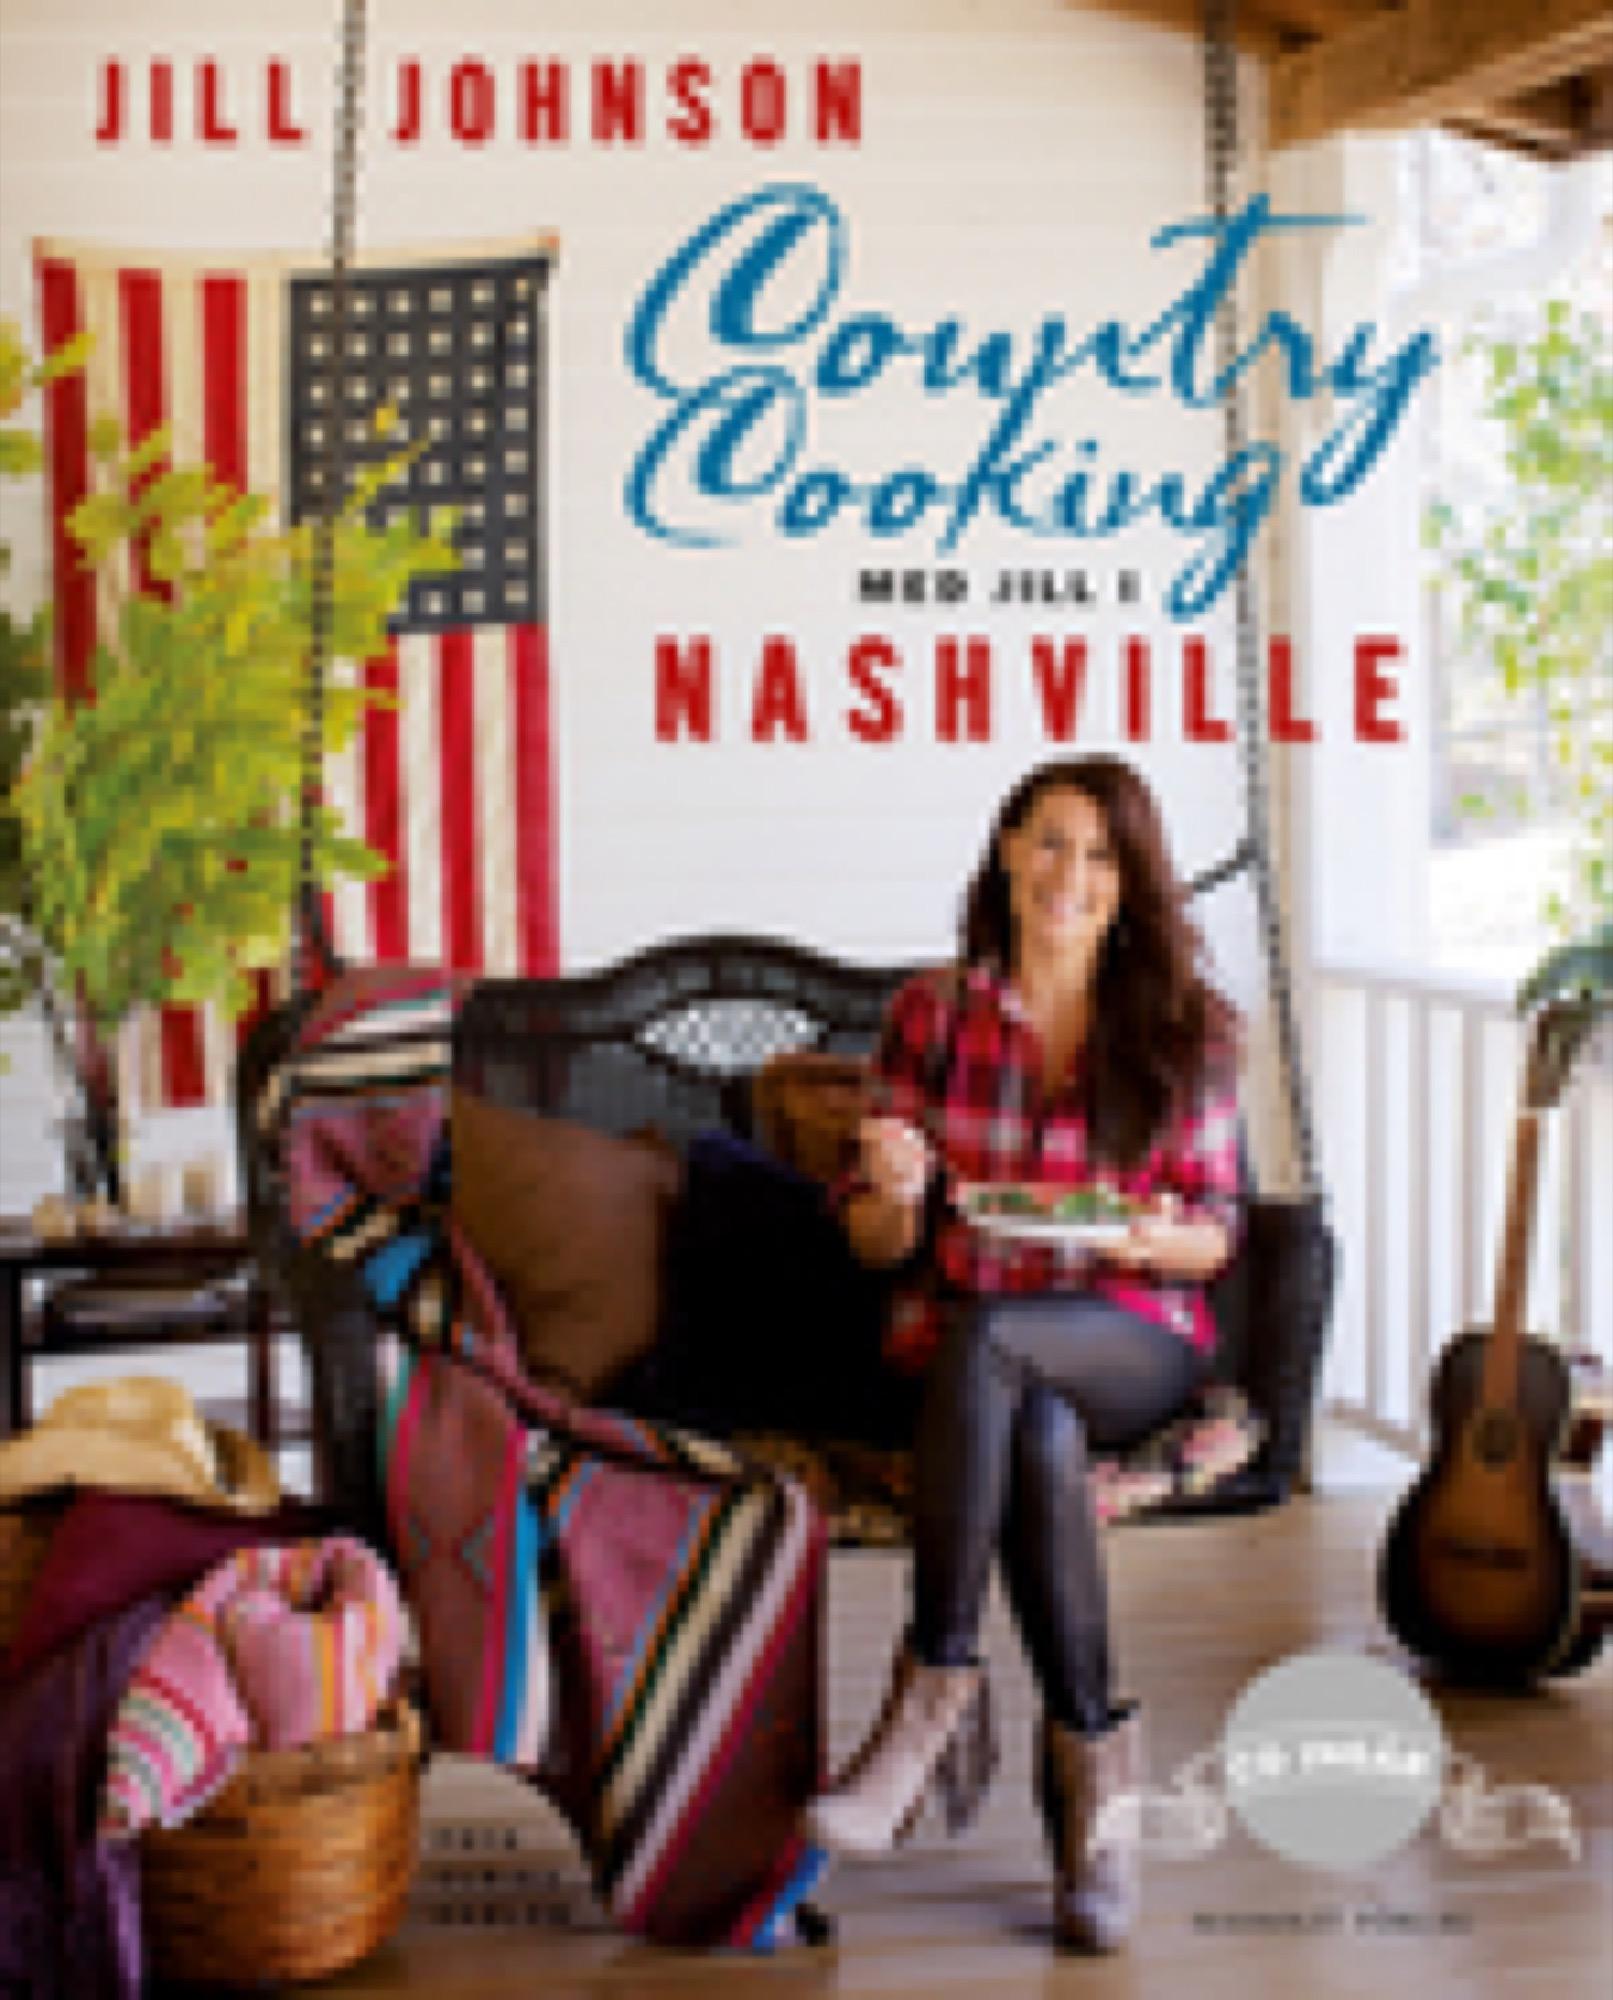 Country Cooking med Jill i Nashville. Fotogarf ULRIKA EKBLOM